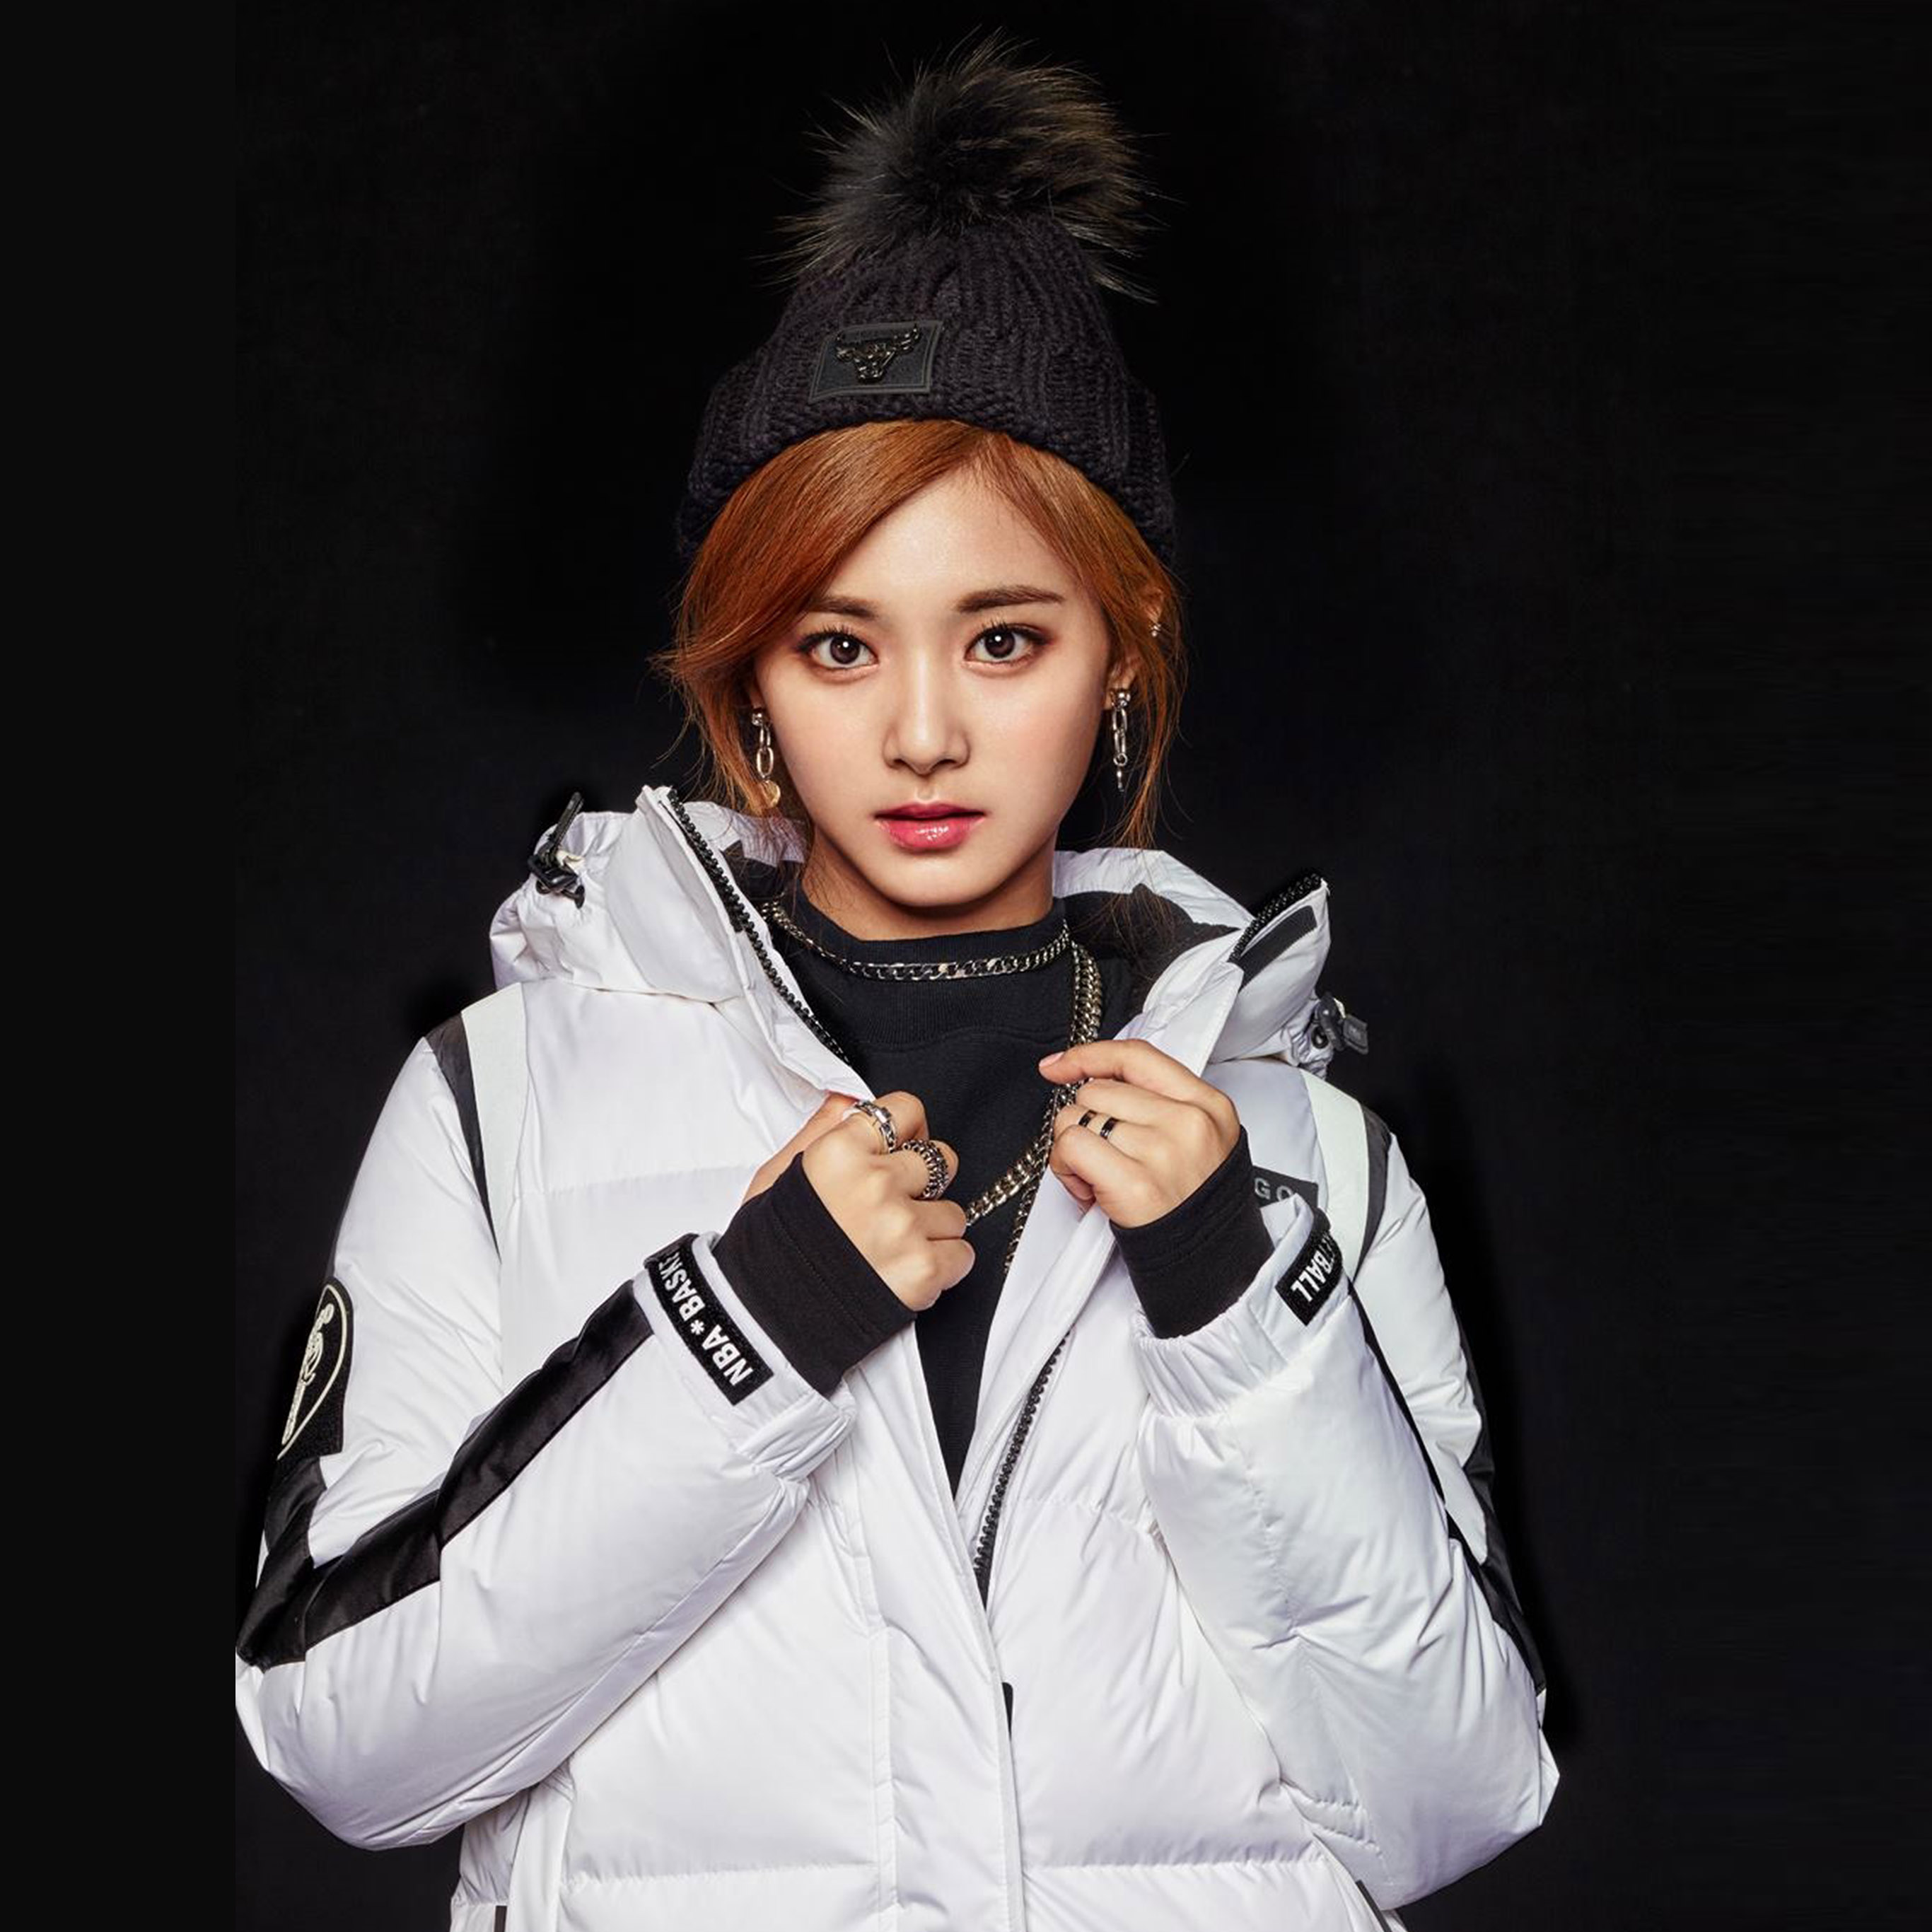 Hl72 Kpop Girl Sungso Asian Winter Wallpaper